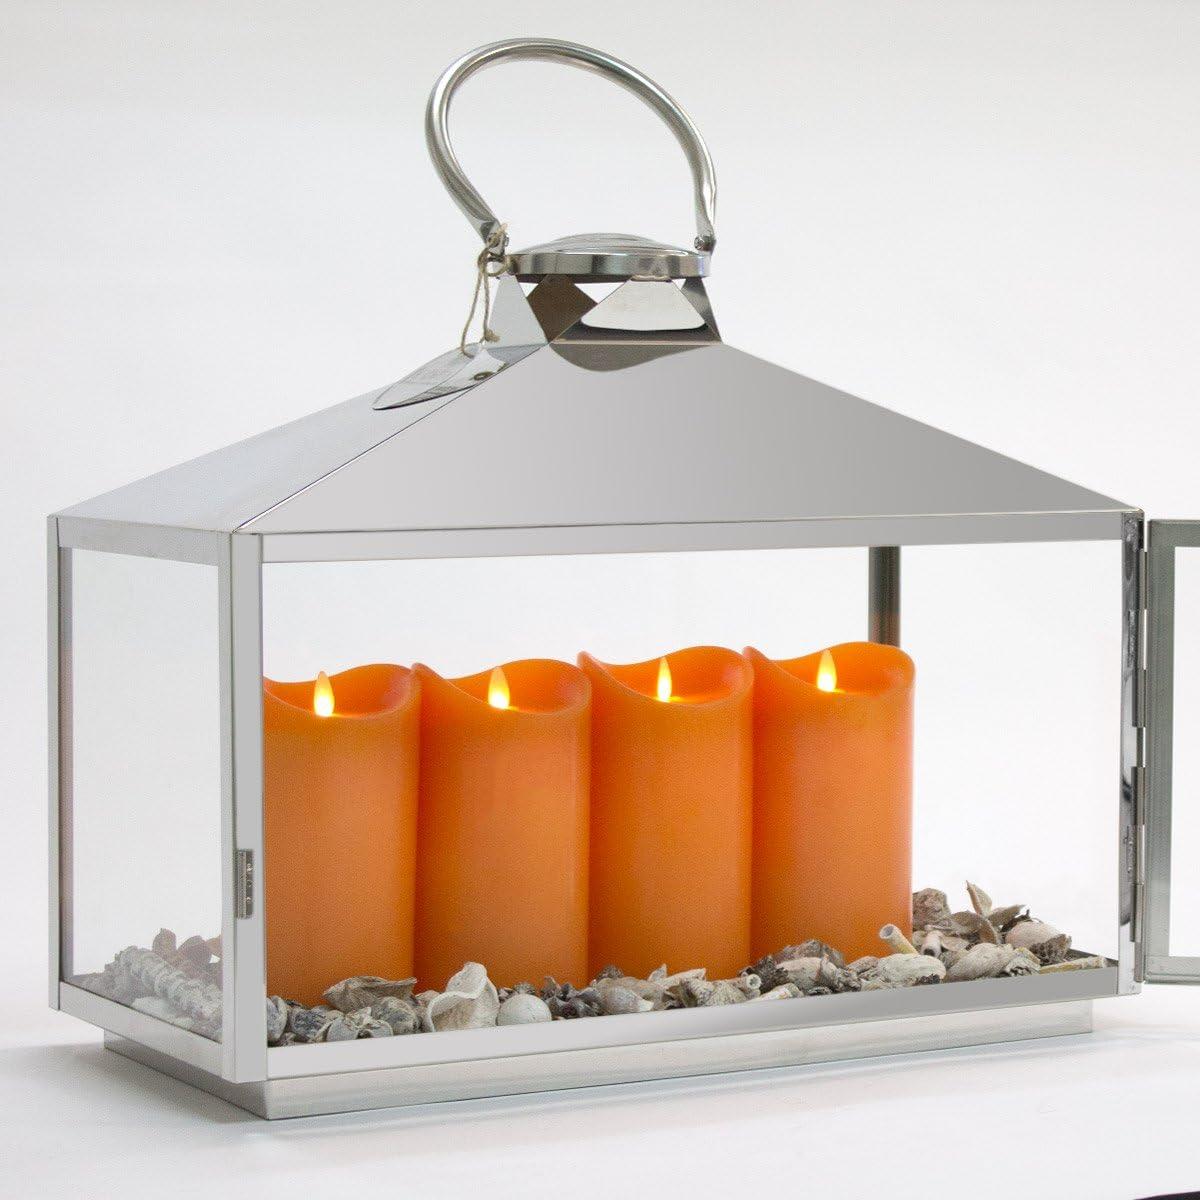 Dekovita Edelstahl-Laterne mit Edelstahlgriff Gartenlaterne Mini Gewächshaus L:50xB27xH55cm mit Glasfenstern Windlicht Kerzen Laterne mit Standard Kerzen Orange